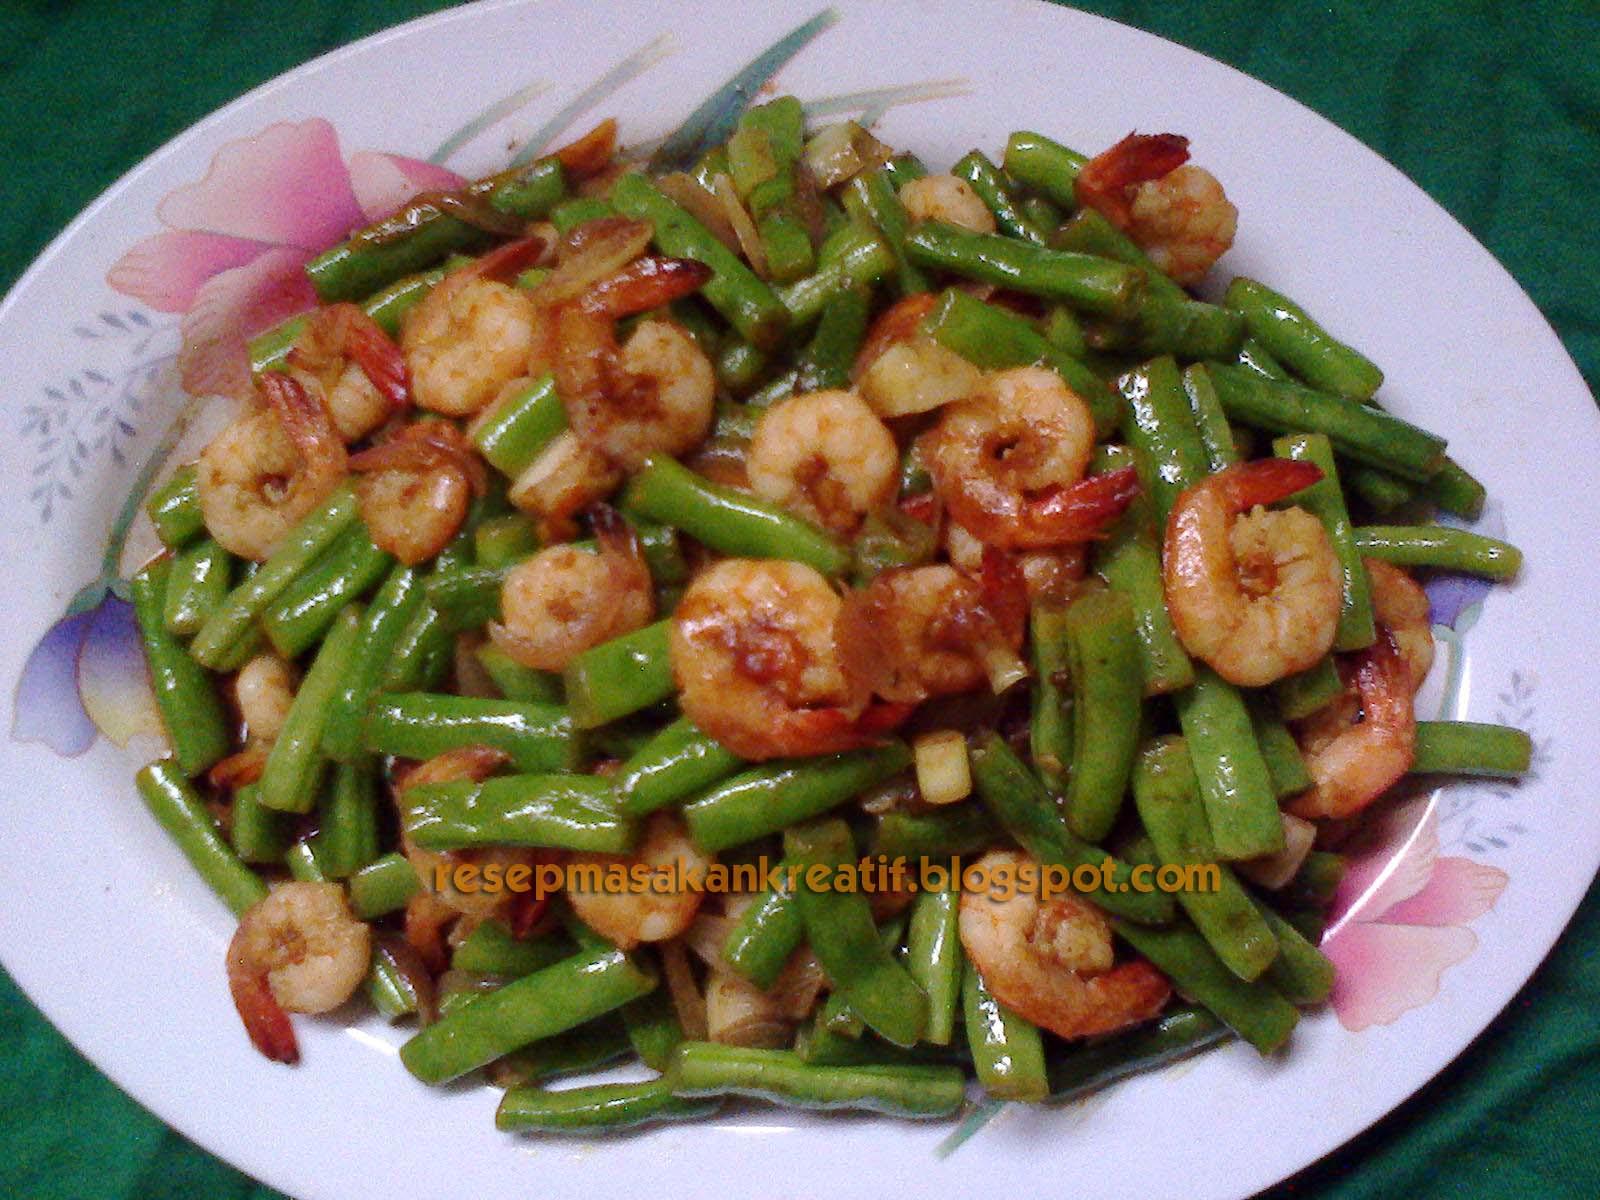 Resep Tumis Udang Sayur Buncis Aneka Resep Masakan Sederhana Kreatif